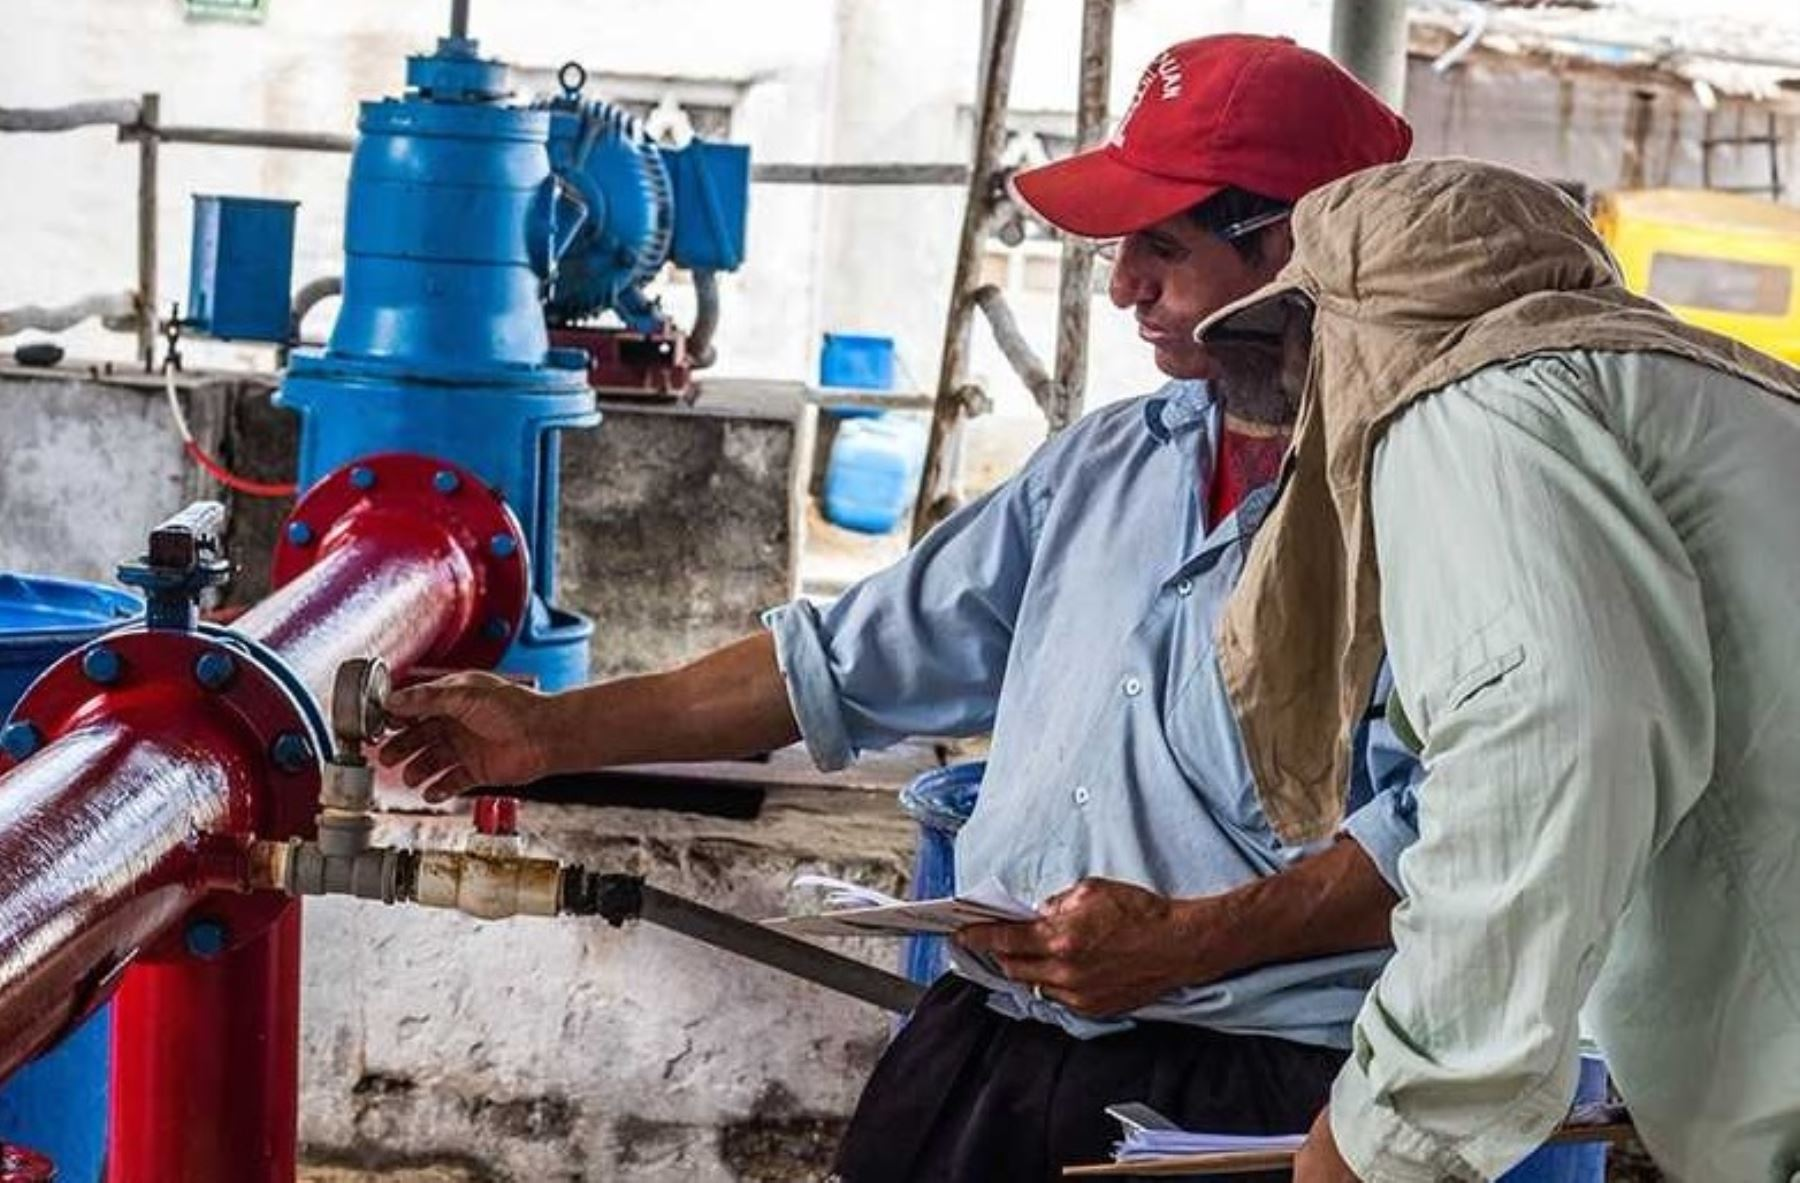 El Instituto Tecnológico de la Producción (ITP)-red CITE, certificó las competencias laborales y productivas de un grupo de operarios del sector agroindustrial en Manejo de Sistemas de Riego Tecnificado, a través del CITE Agroindustrial Chavimochic, en la región La Libertad.